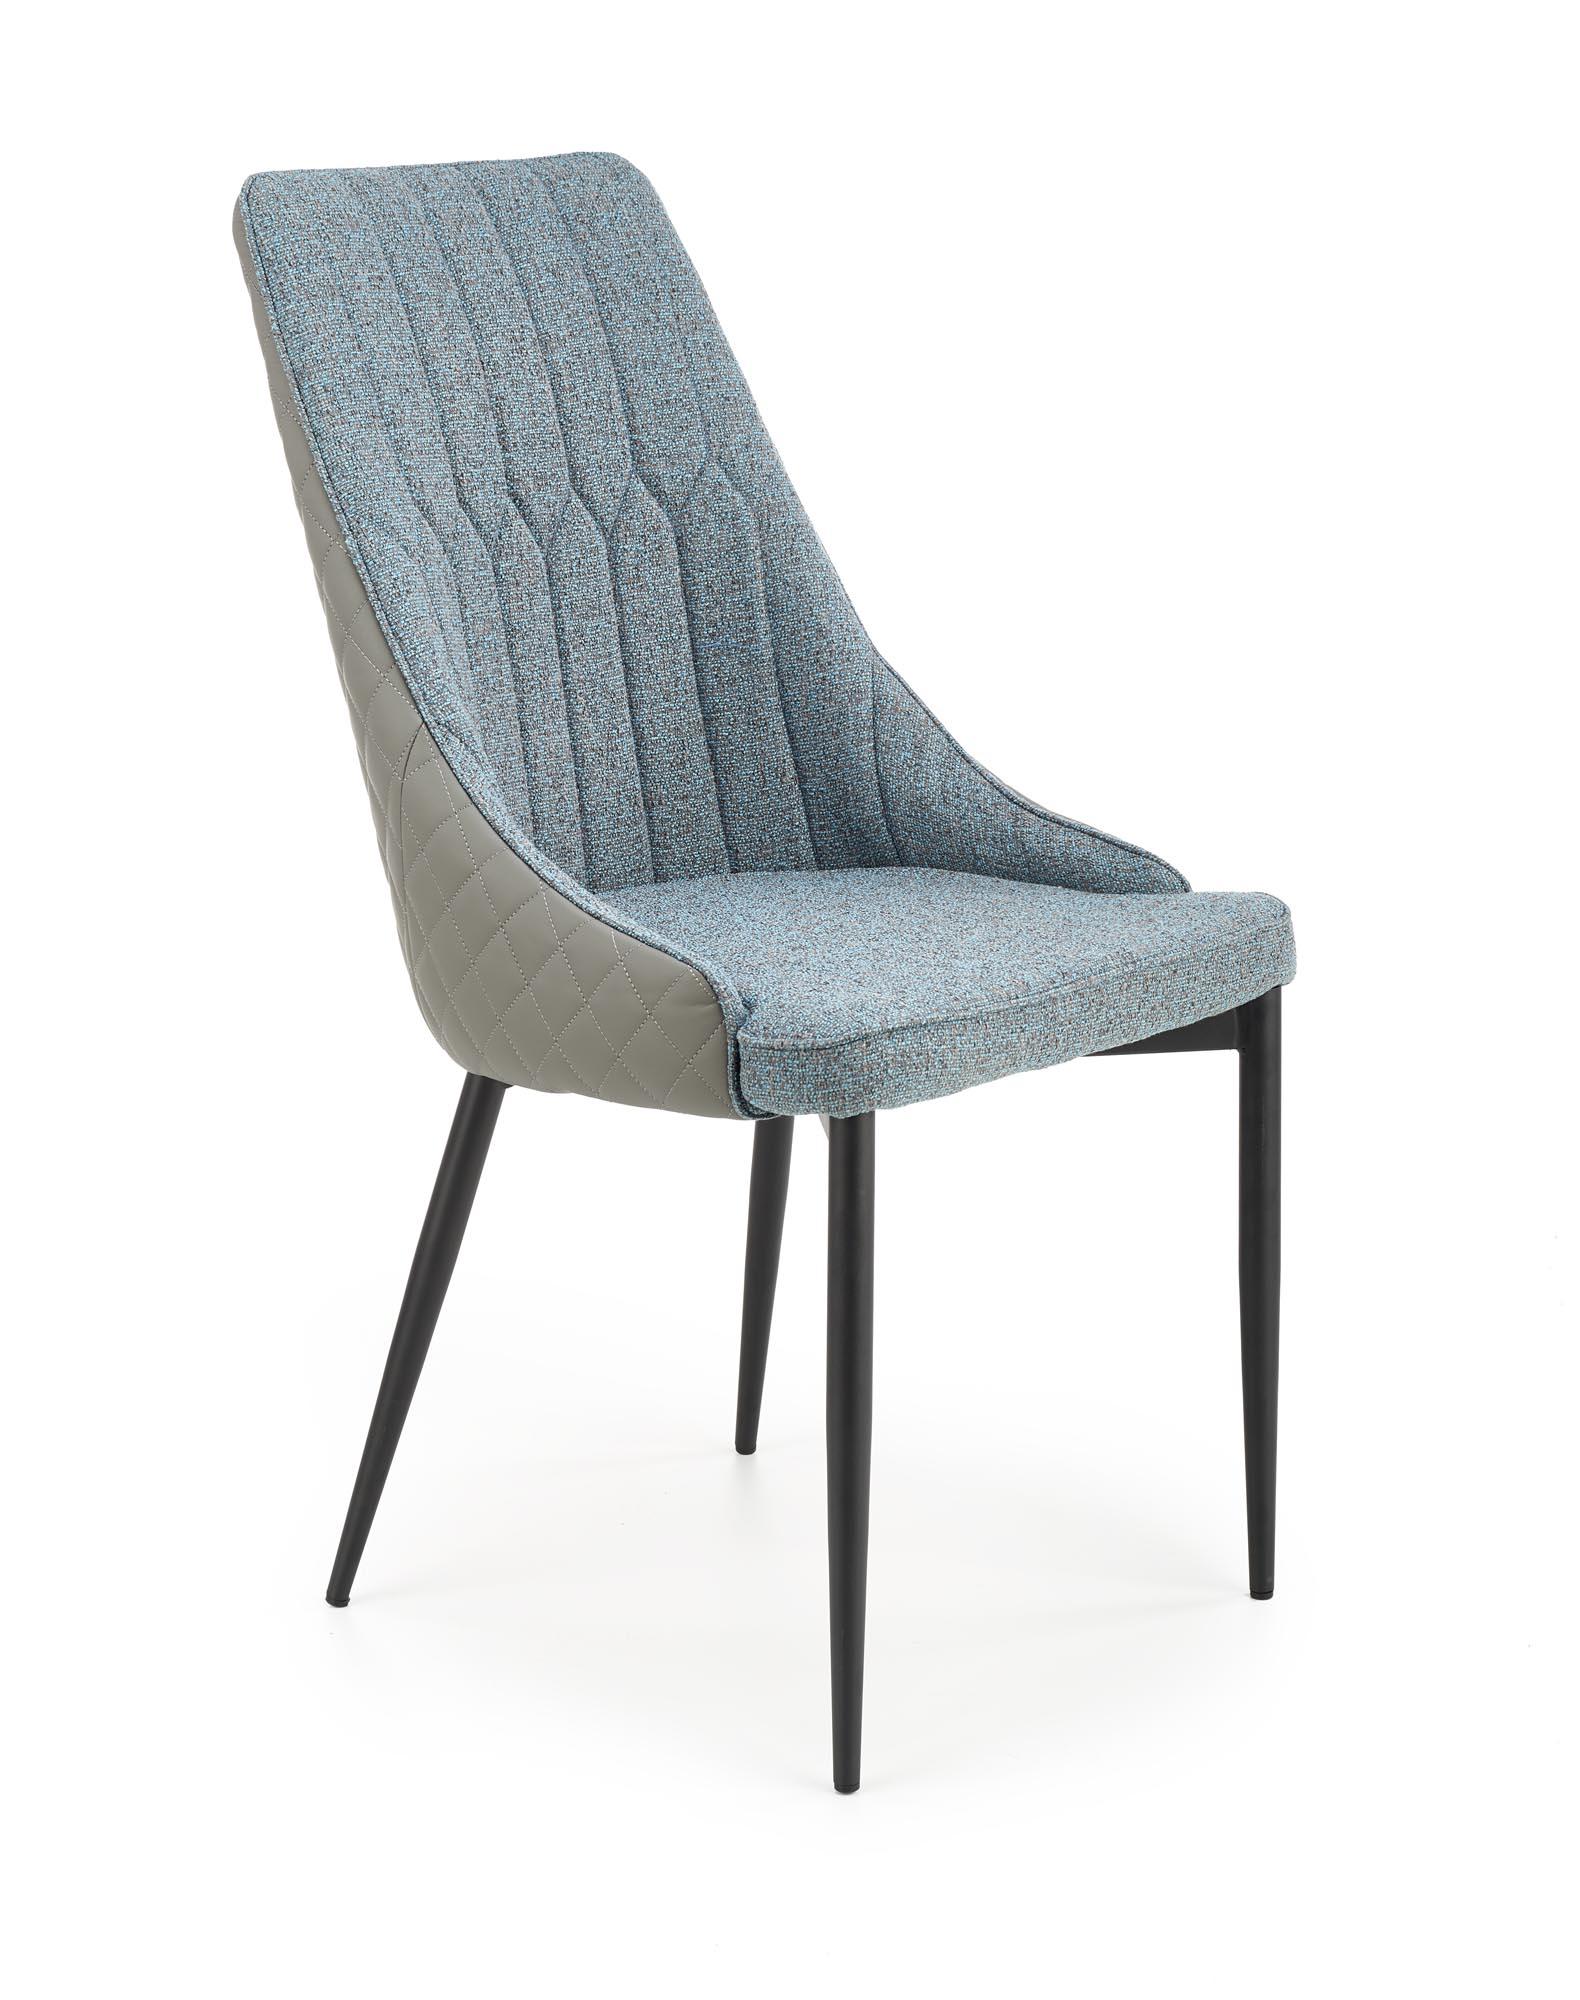 K448 krzesło, kolor: jasny popielaty - niebieski